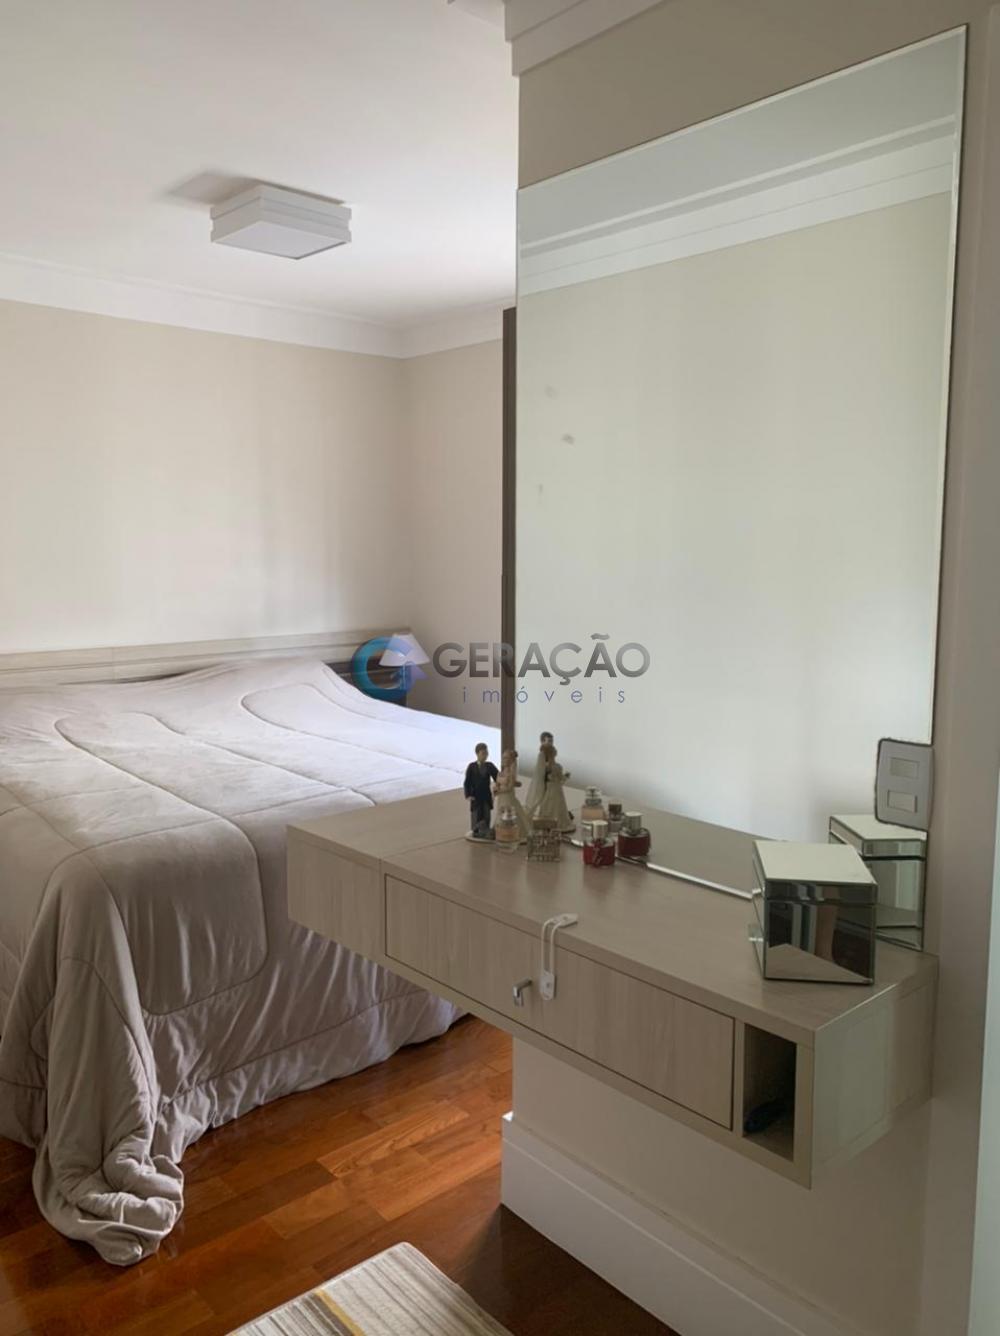 Comprar Apartamento / Padrão em São José dos Campos apenas R$ 1.050.000,00 - Foto 20